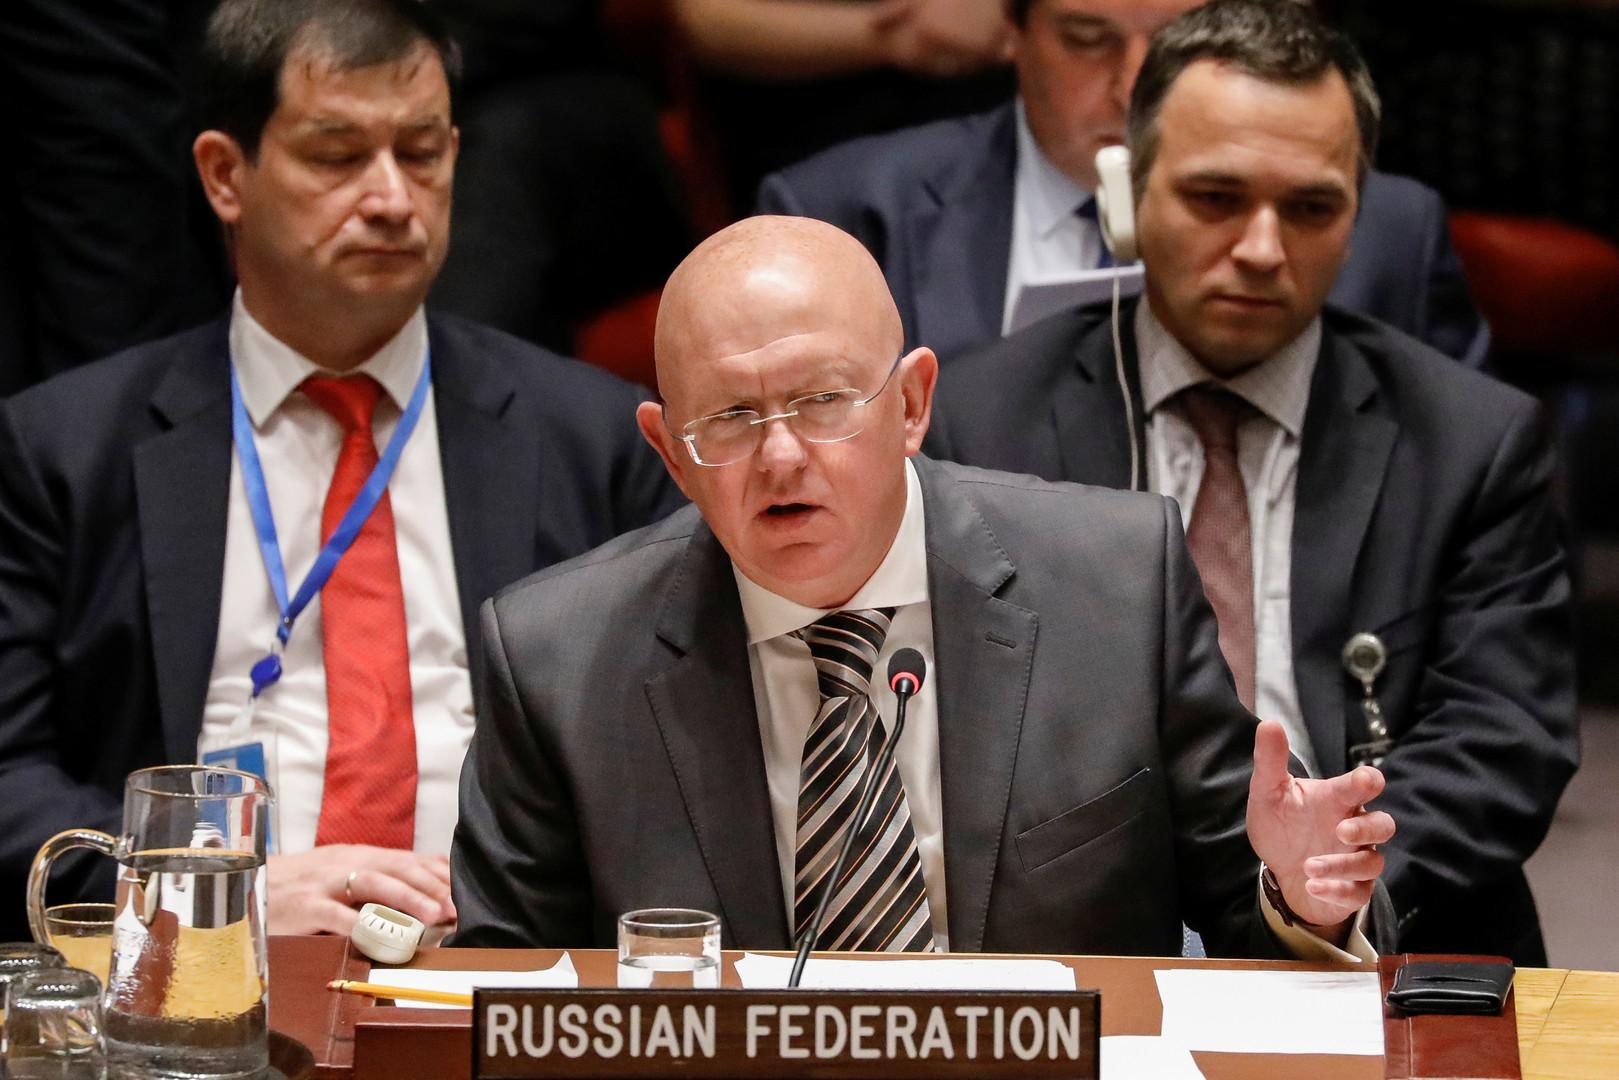 نيبينزيا: إدلب يجب أن تعود لسيطرة الحكومة السورية والاتفاق الروسي التركي لا يمنع مكافحة الإرهاب